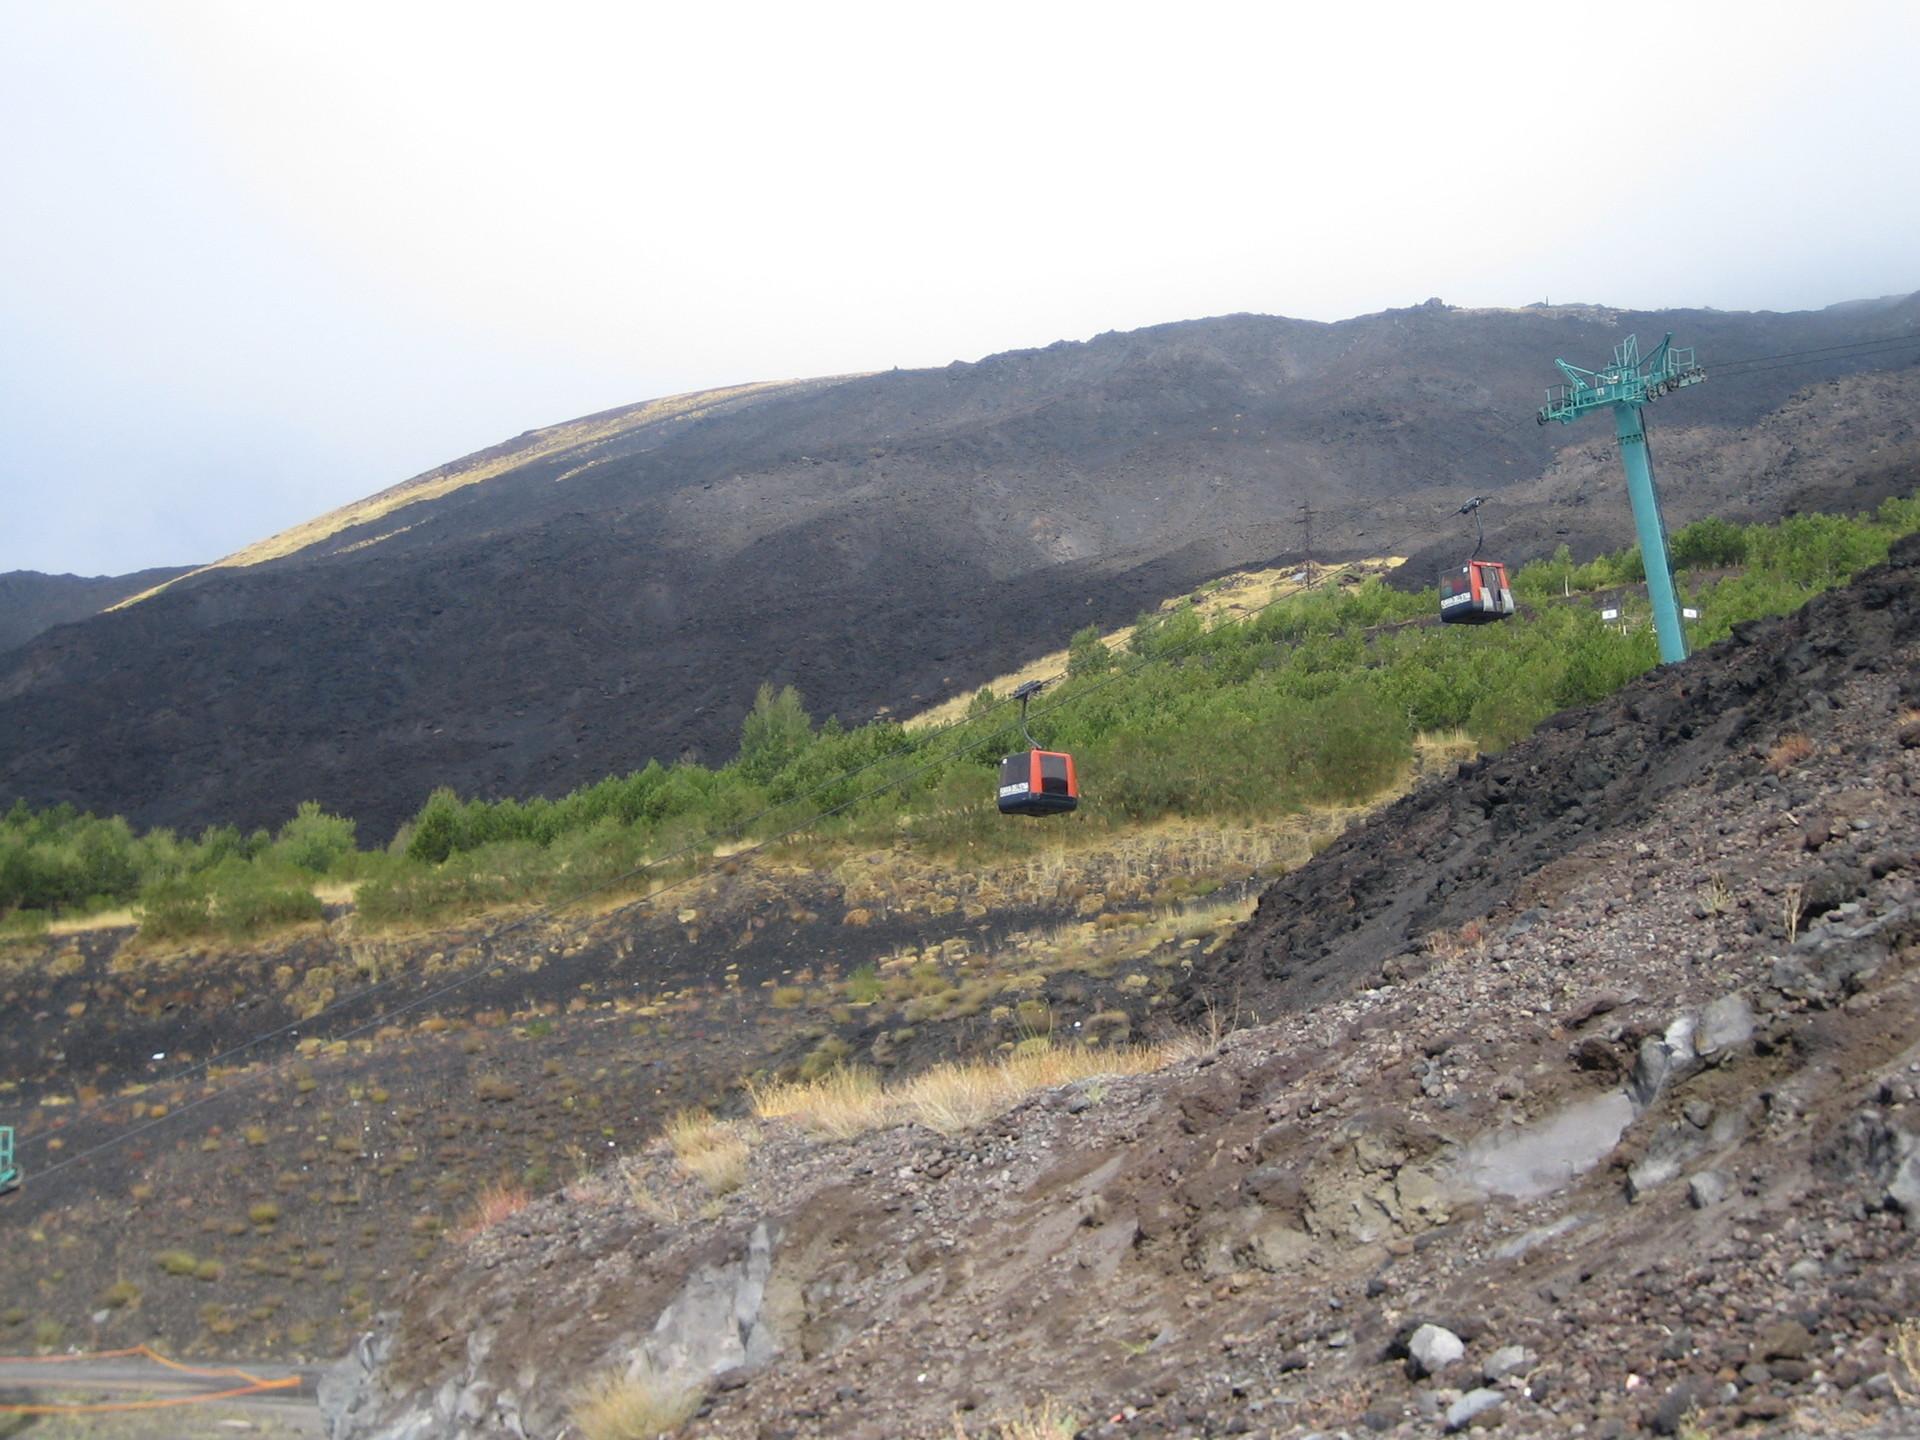 Climbing the Etna: First Steps